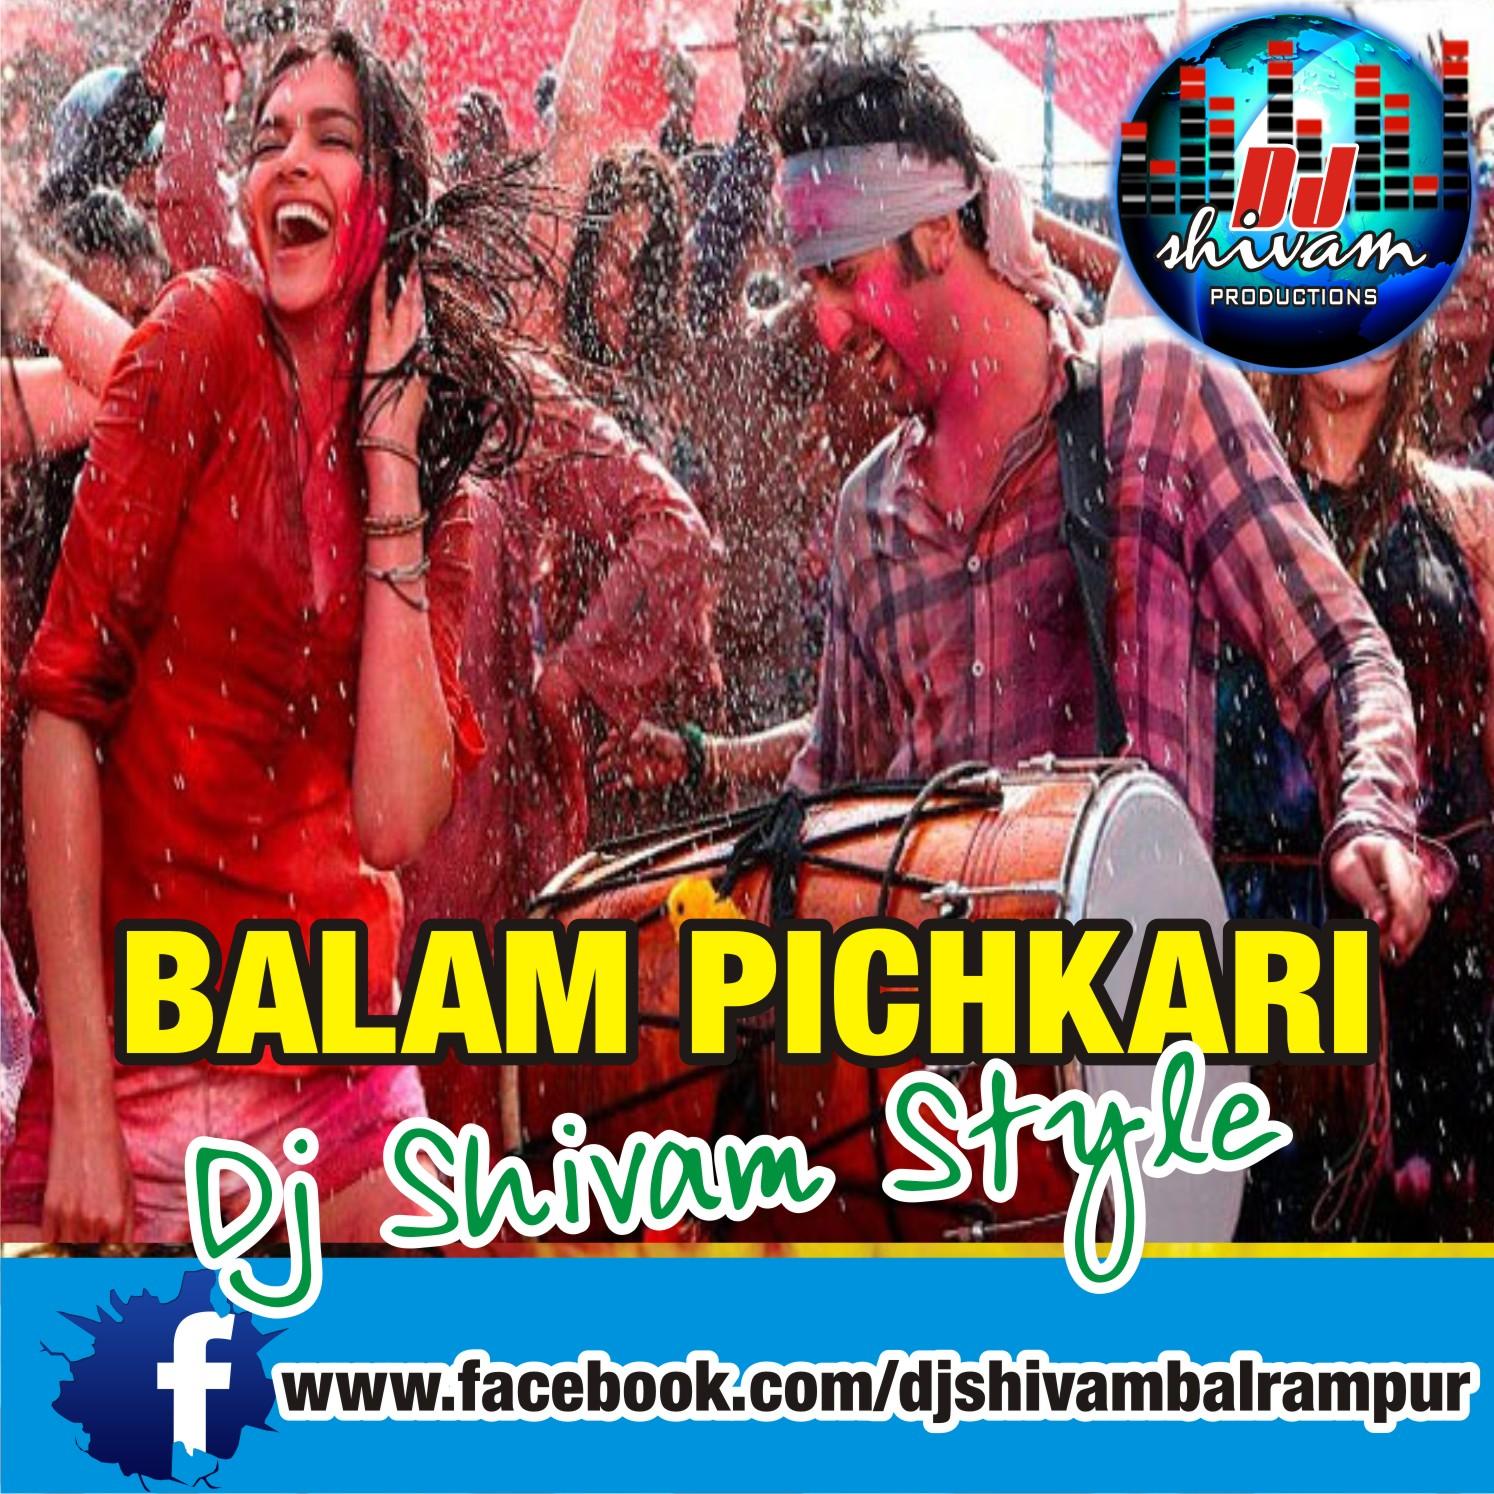 Www Shivam Hair Style Dj Shivam Balam Pichkari Dj Shivam Style